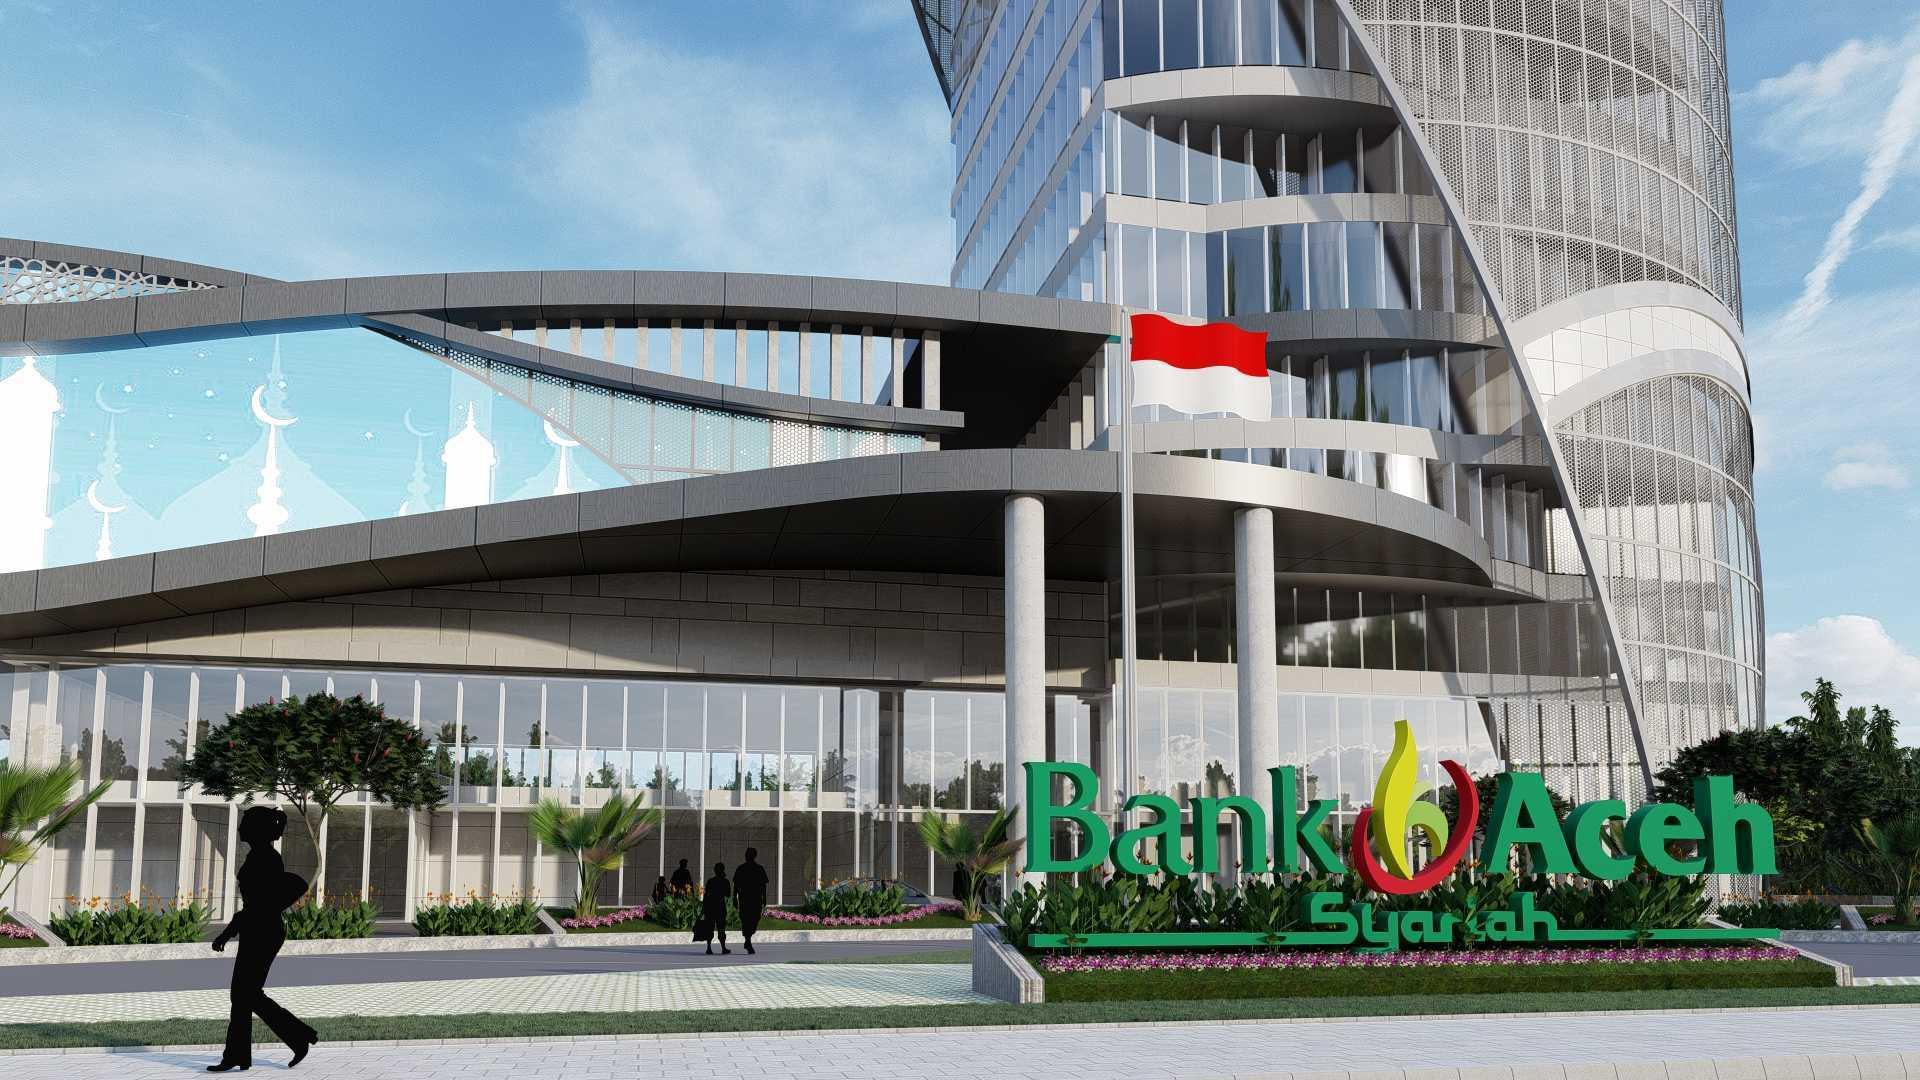 Raaj Gill Arsitek Bank Aceh Syariah Banda Aceh, Kota Banda Aceh, Aceh, Indonesia Aceh, Indonesia Raaj-Gill-Arsitek-Bank-Aceh  102175